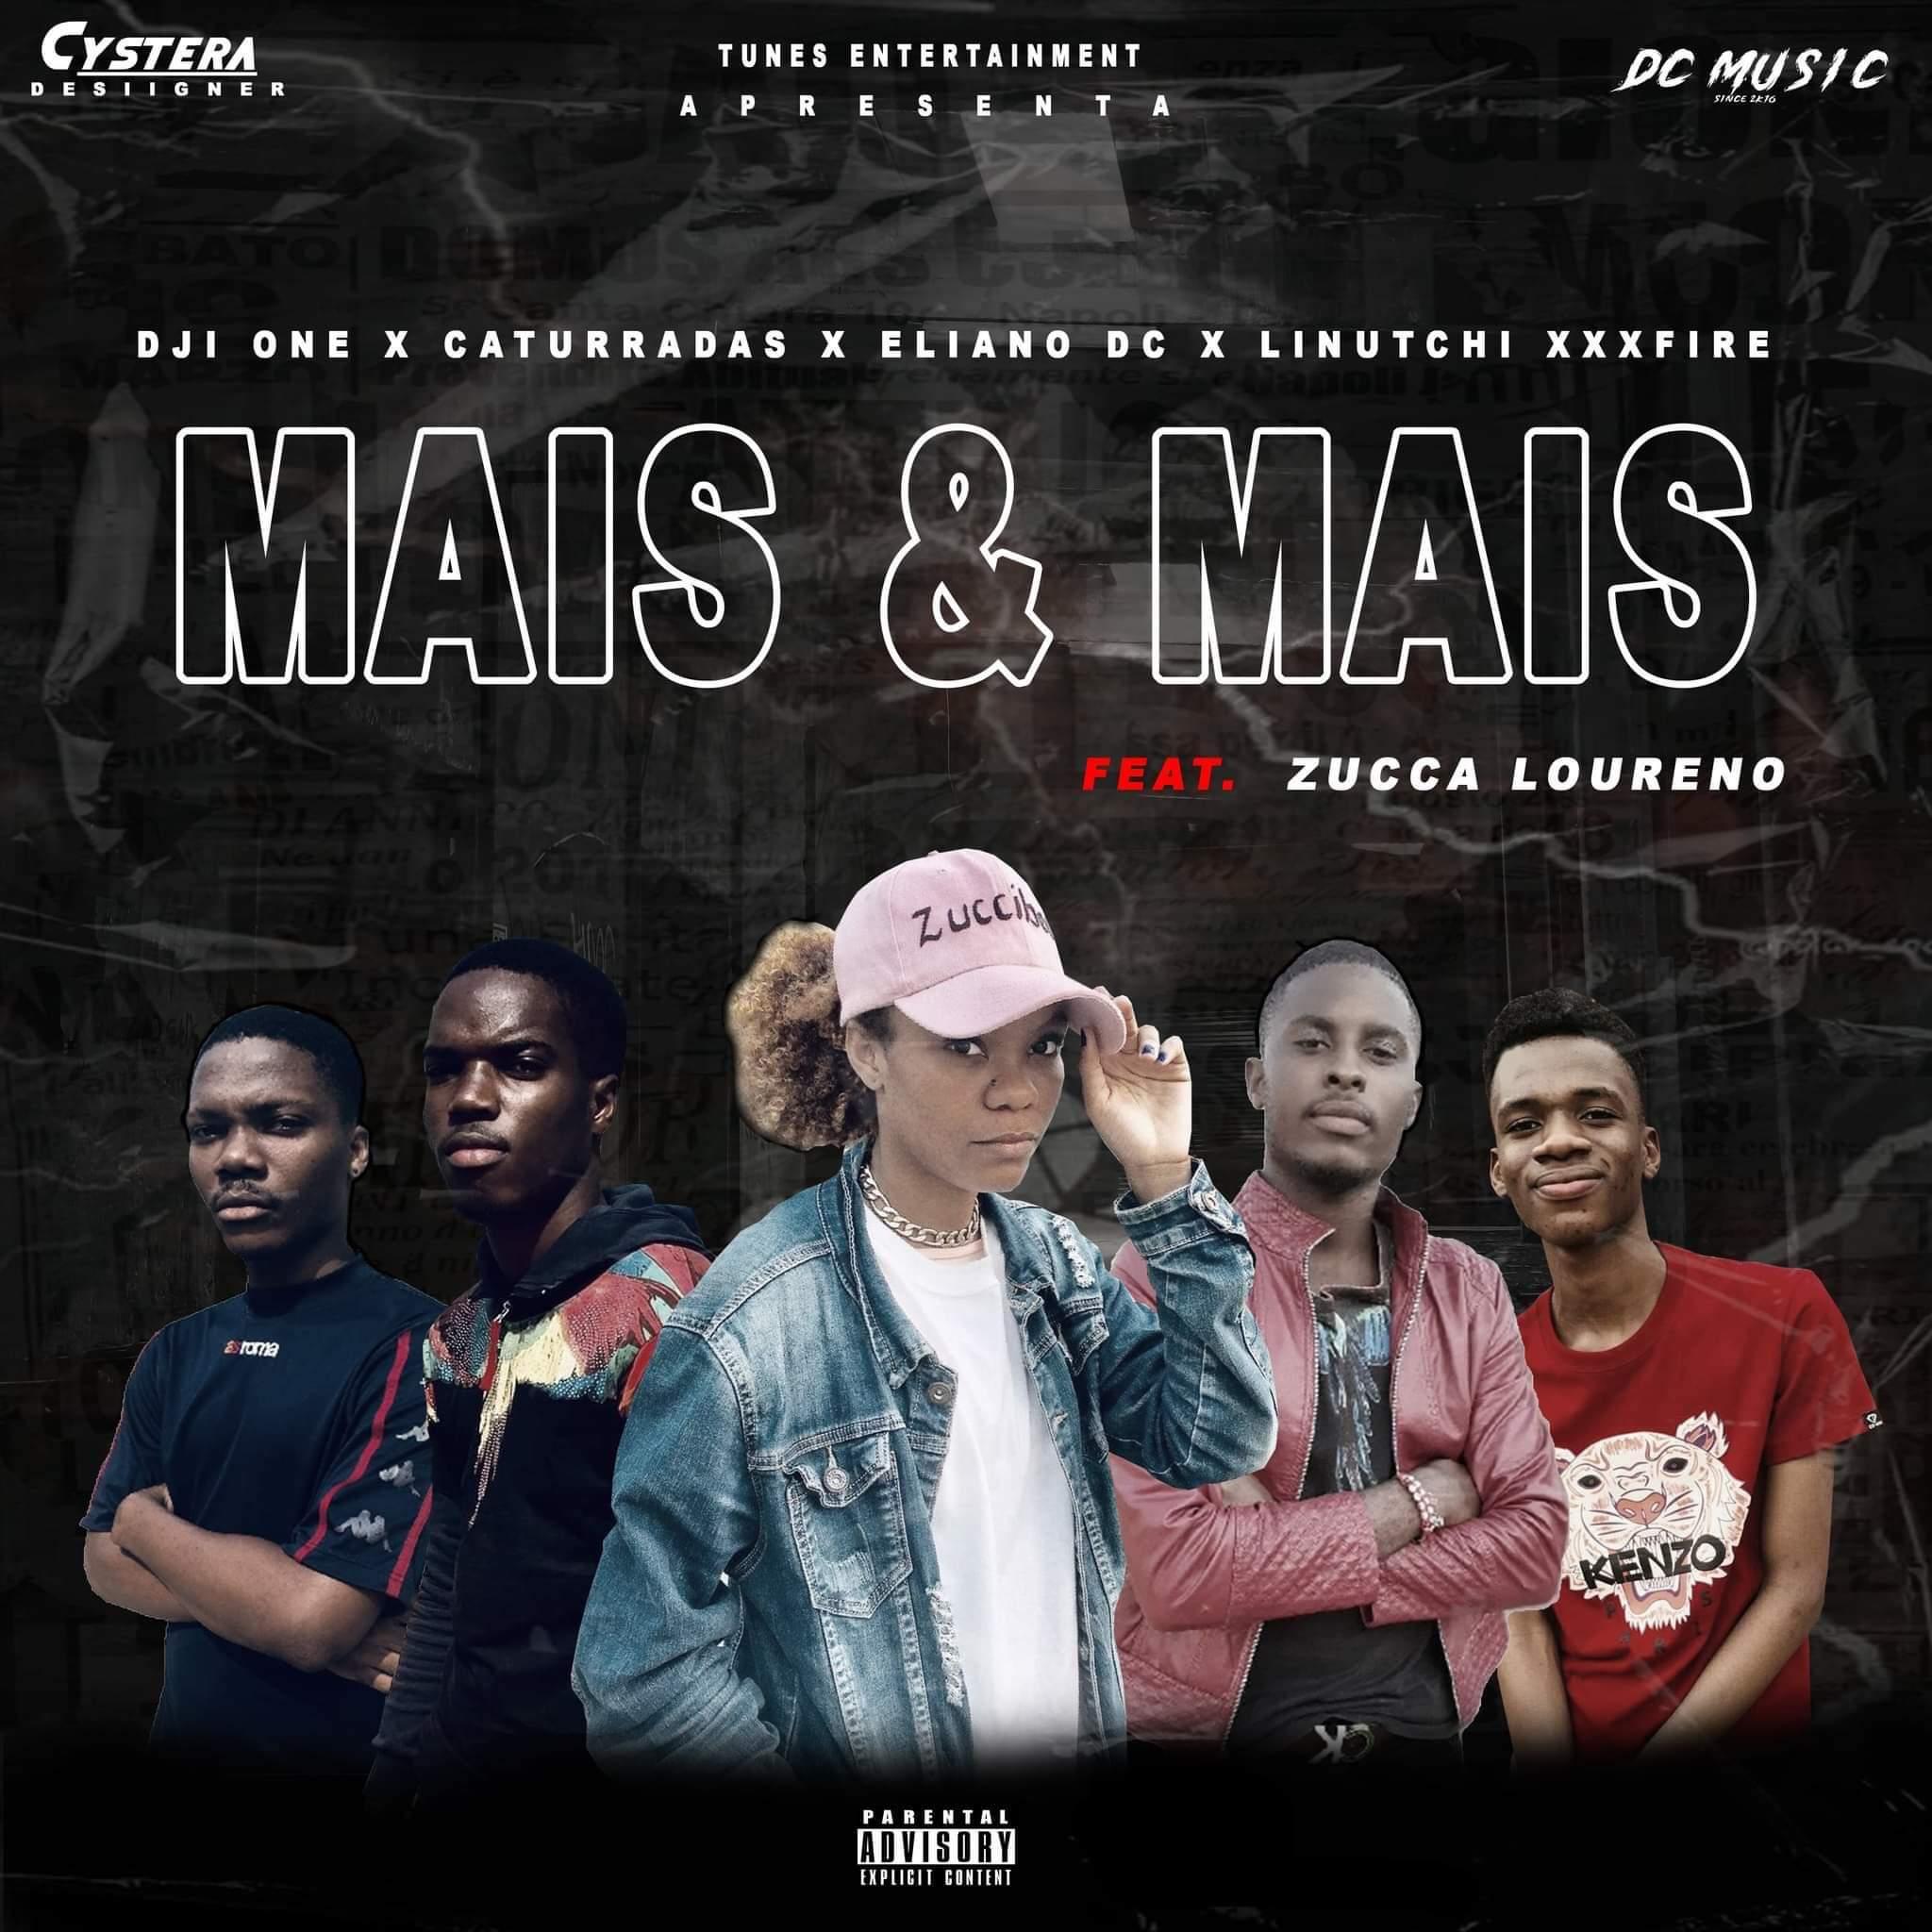 DC Music - Mais & Mais (feat. Zucca Loureno)